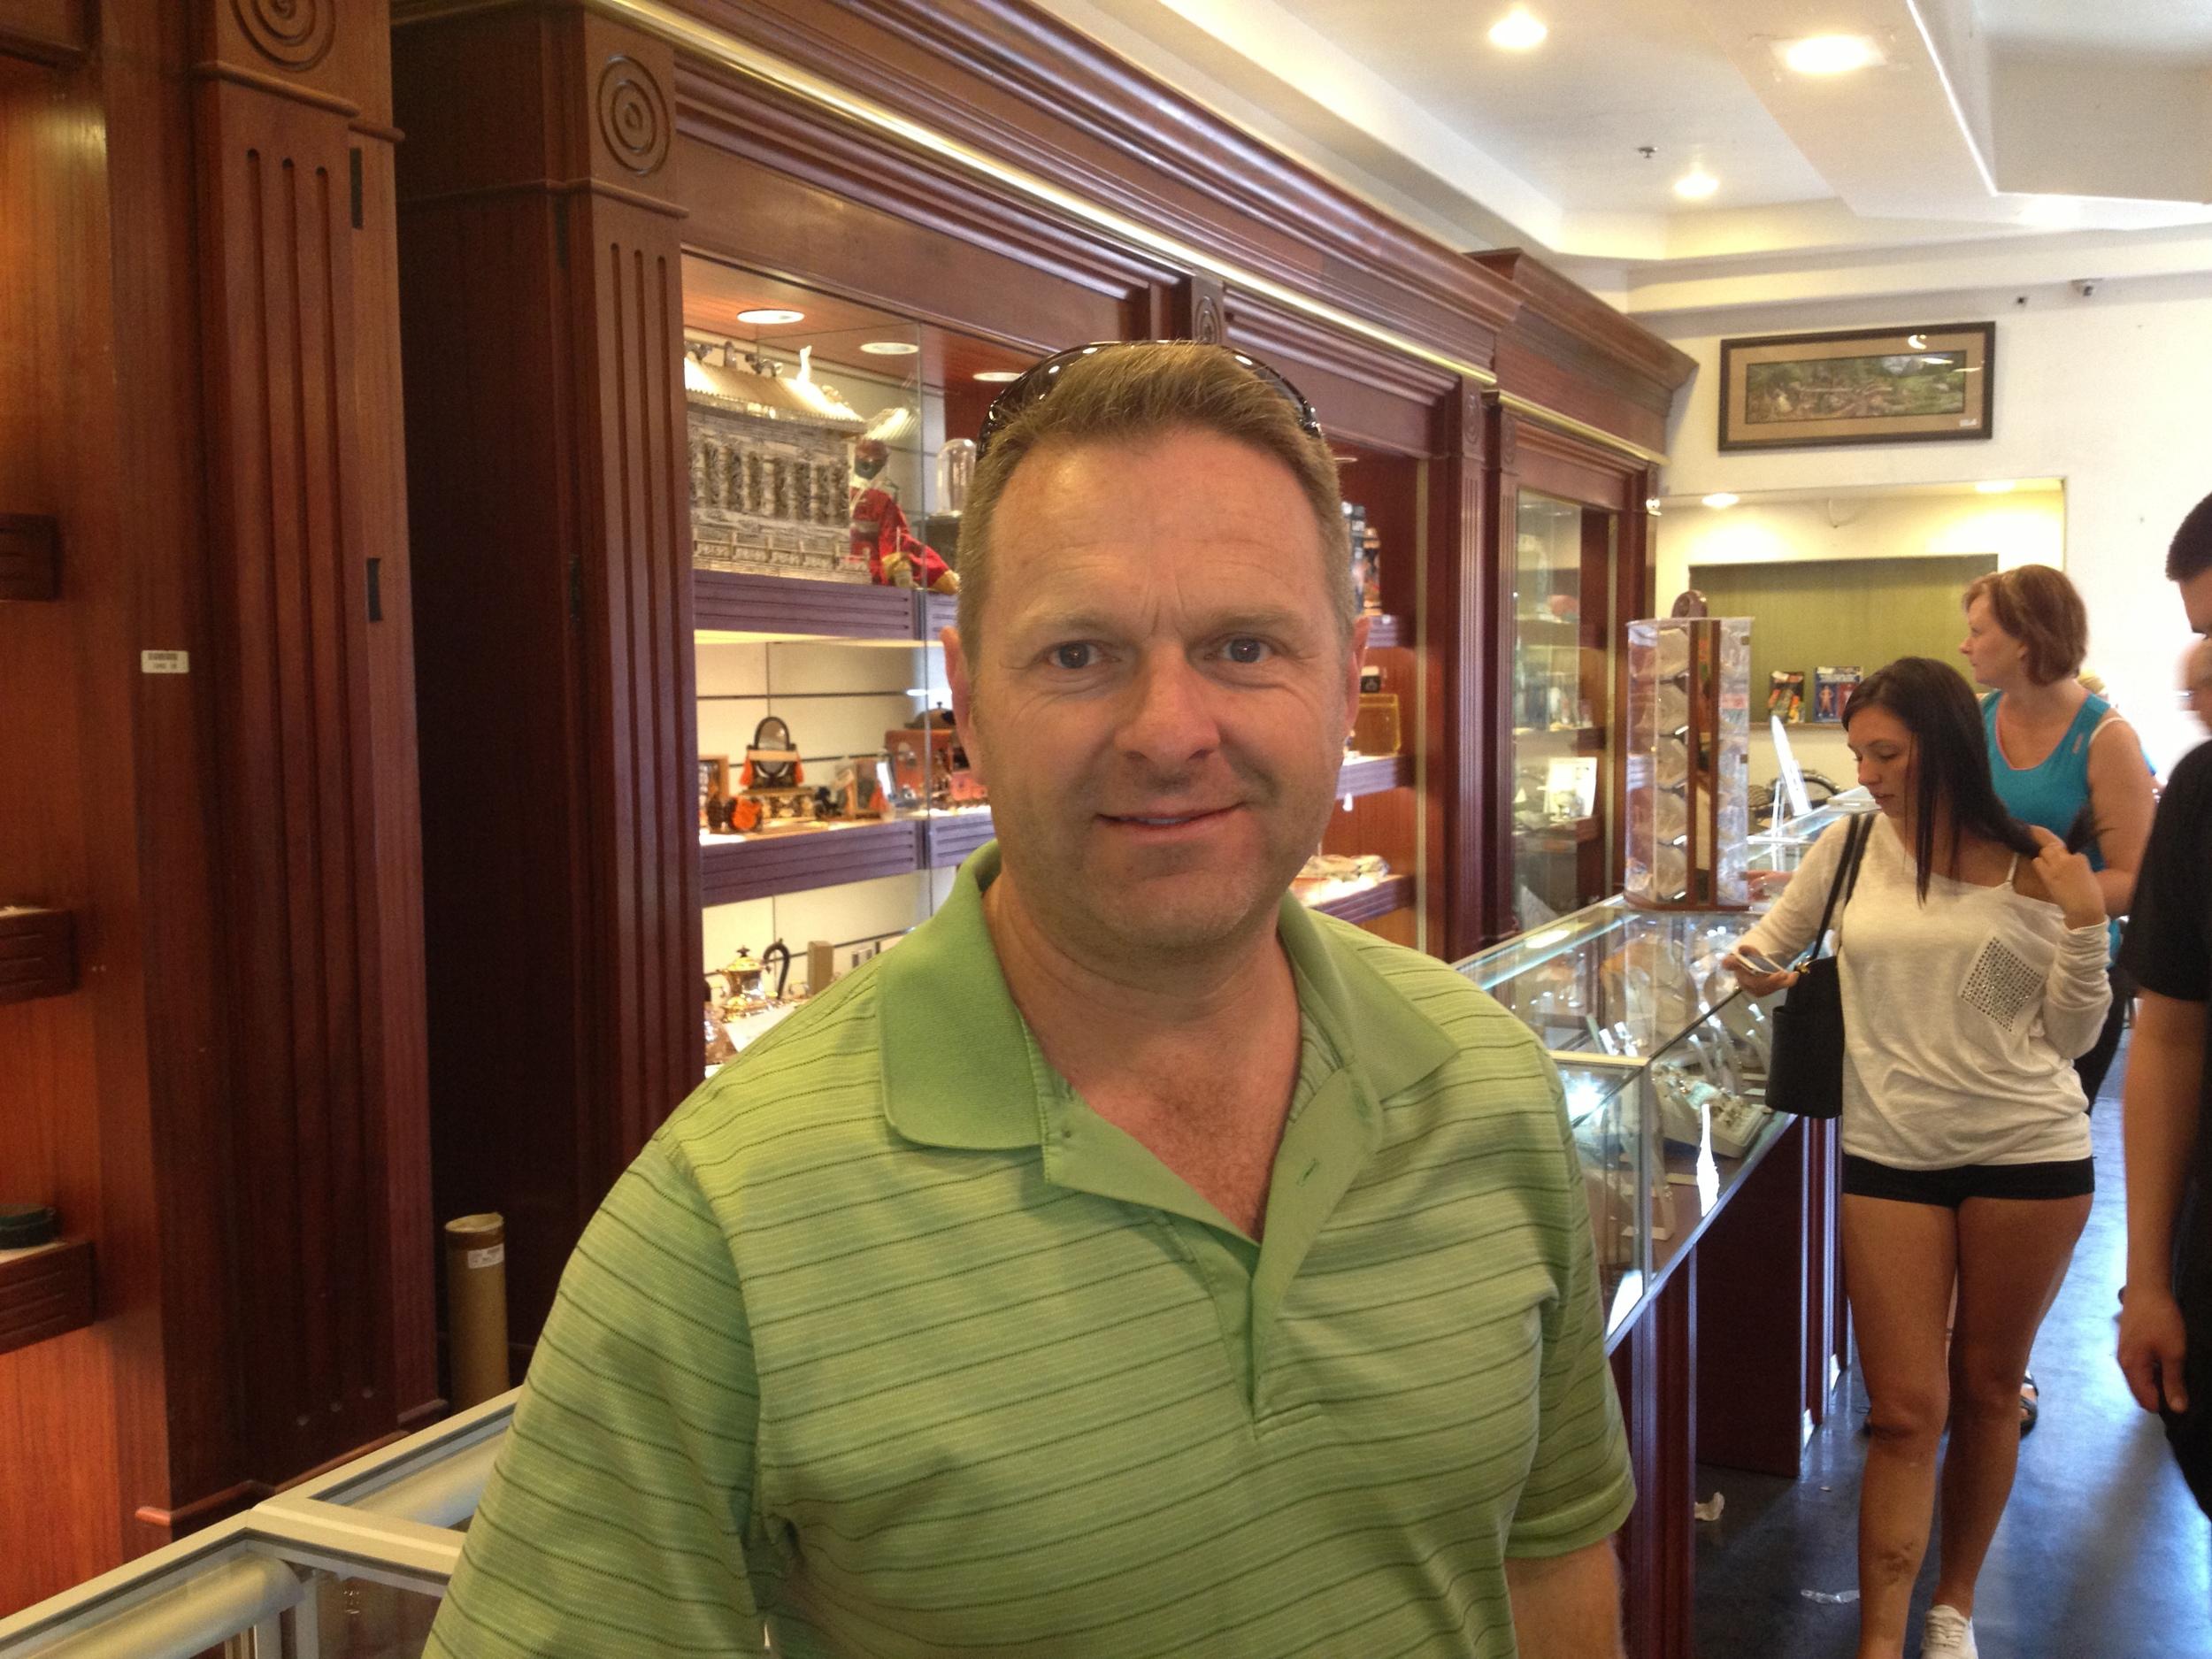 MJ at Las Vegas Pawn Stars store